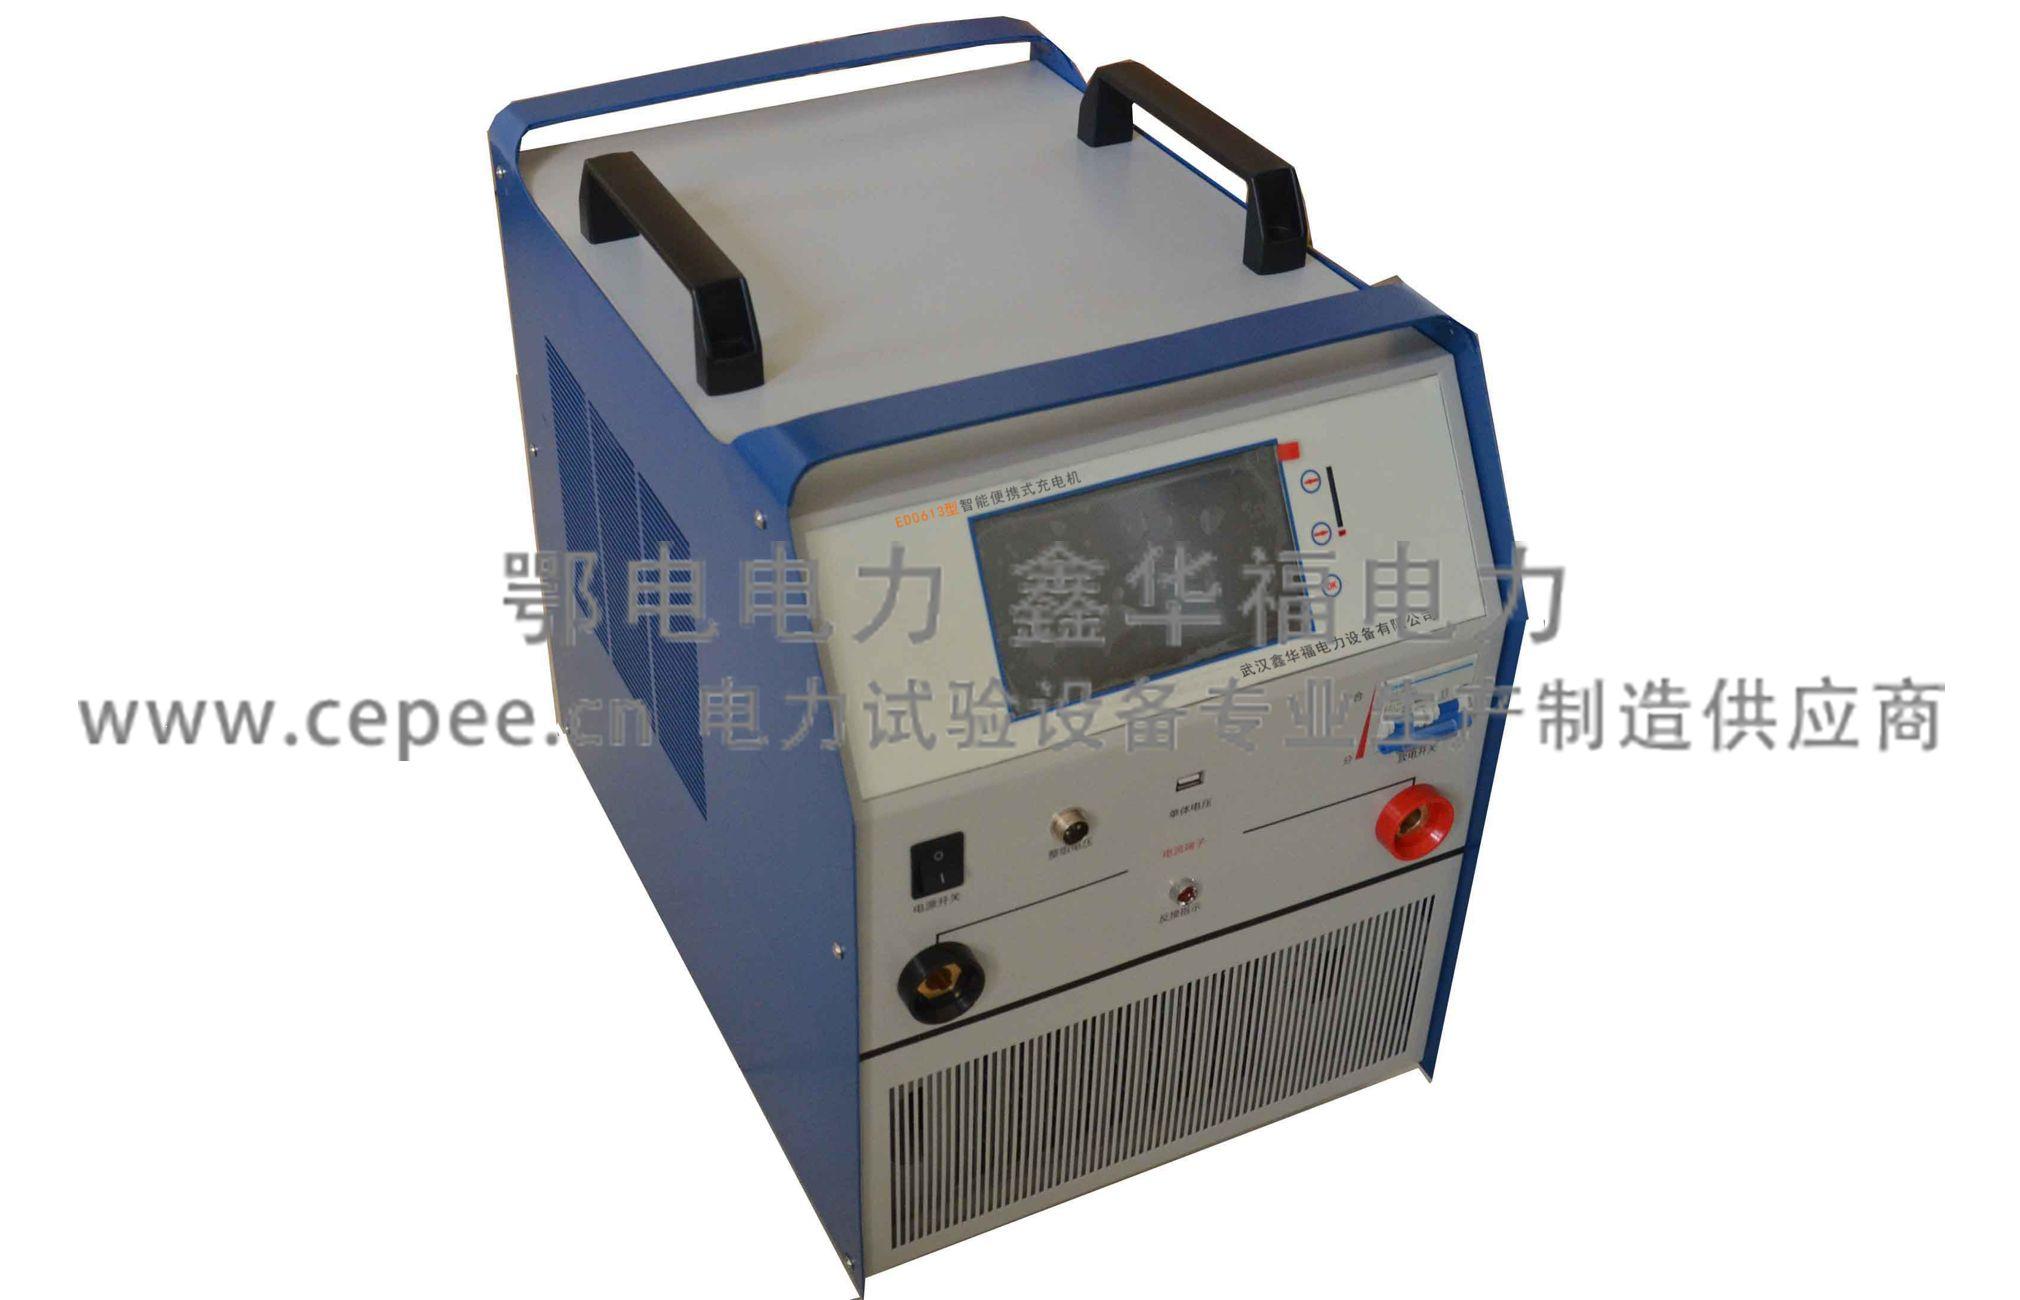 鄂电电力专业生产电池放电仪